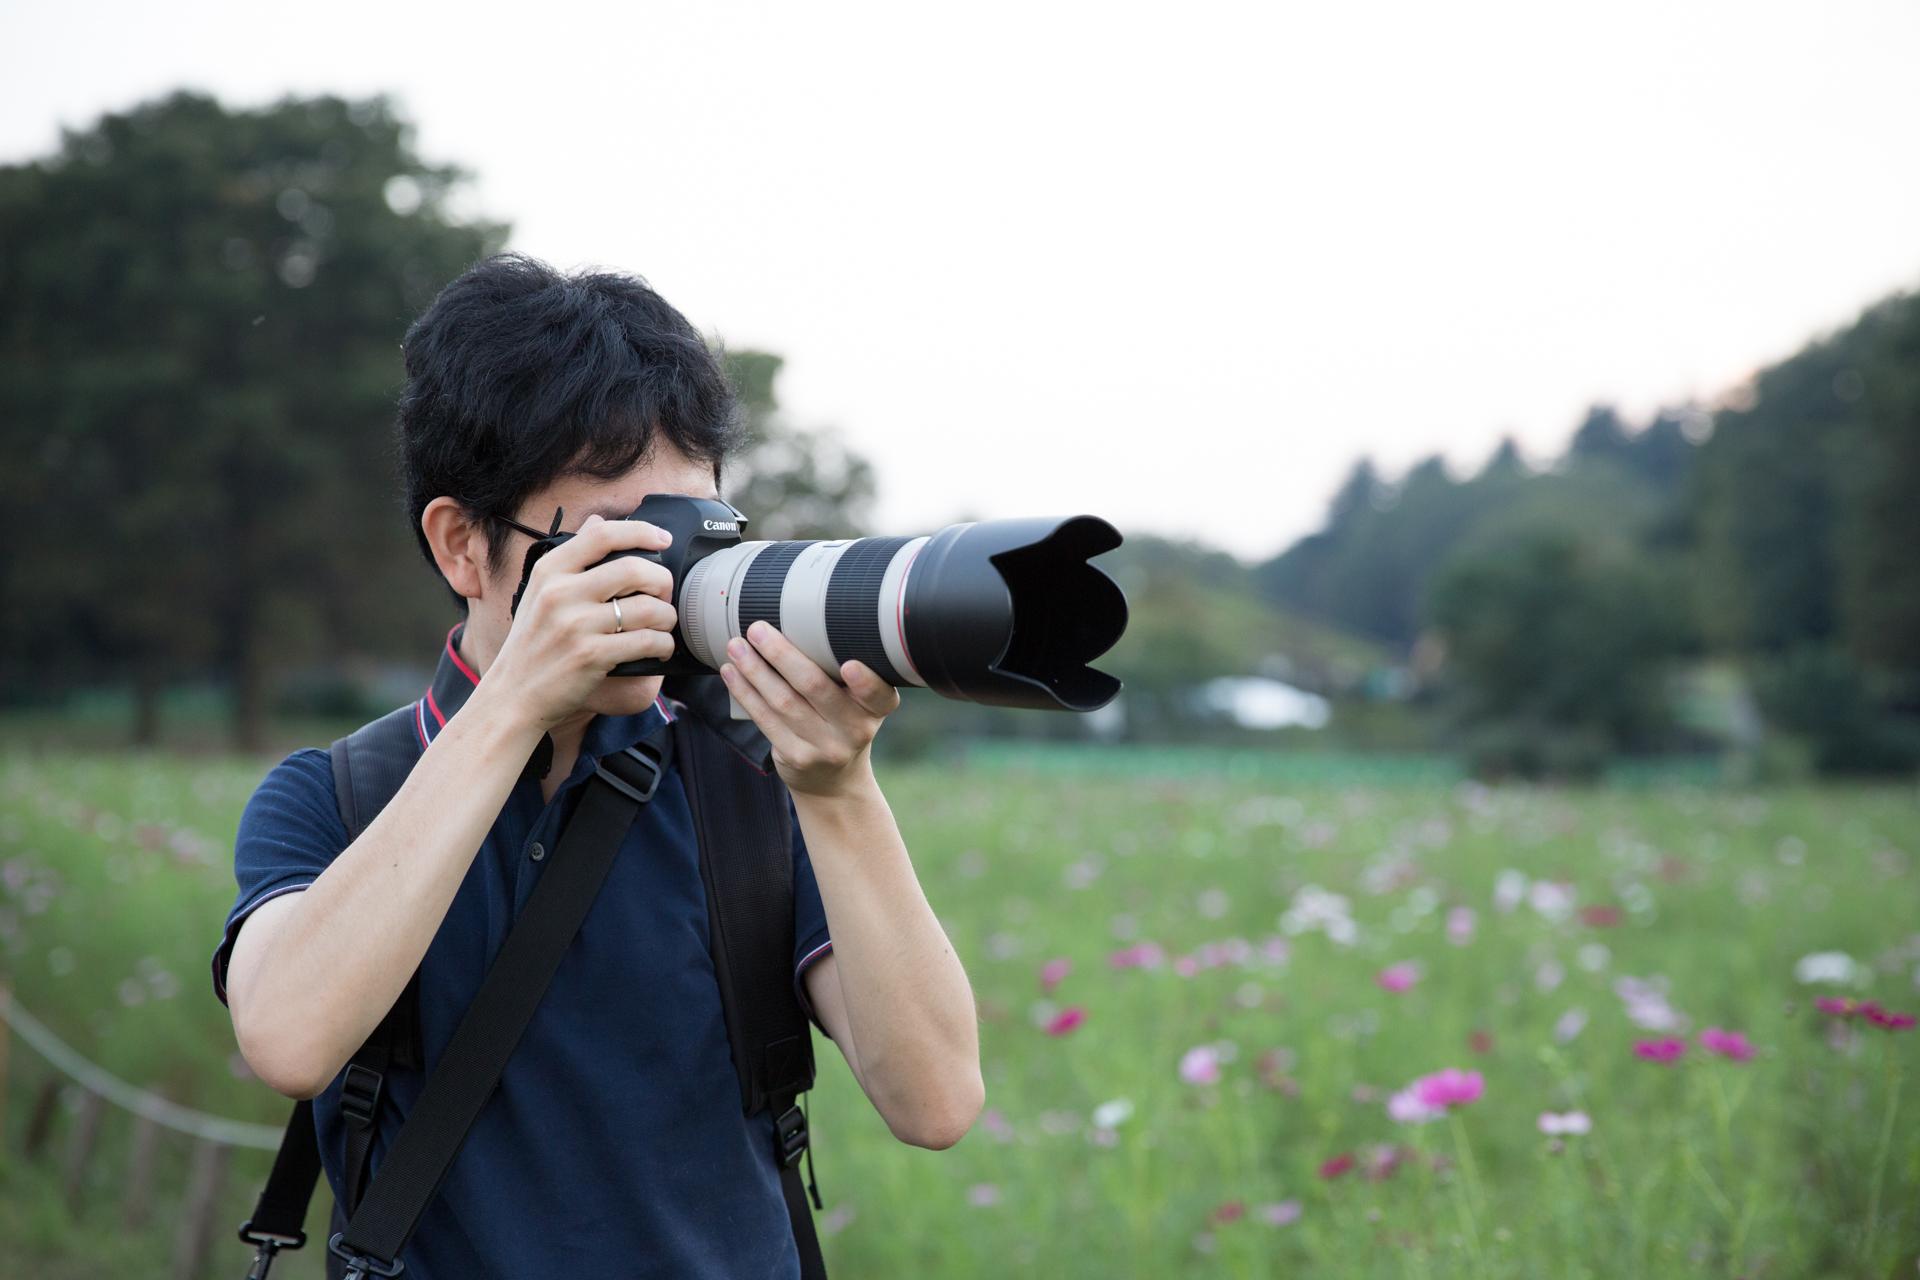 一眼レフカメラと望遠ズームレンズを持った男性